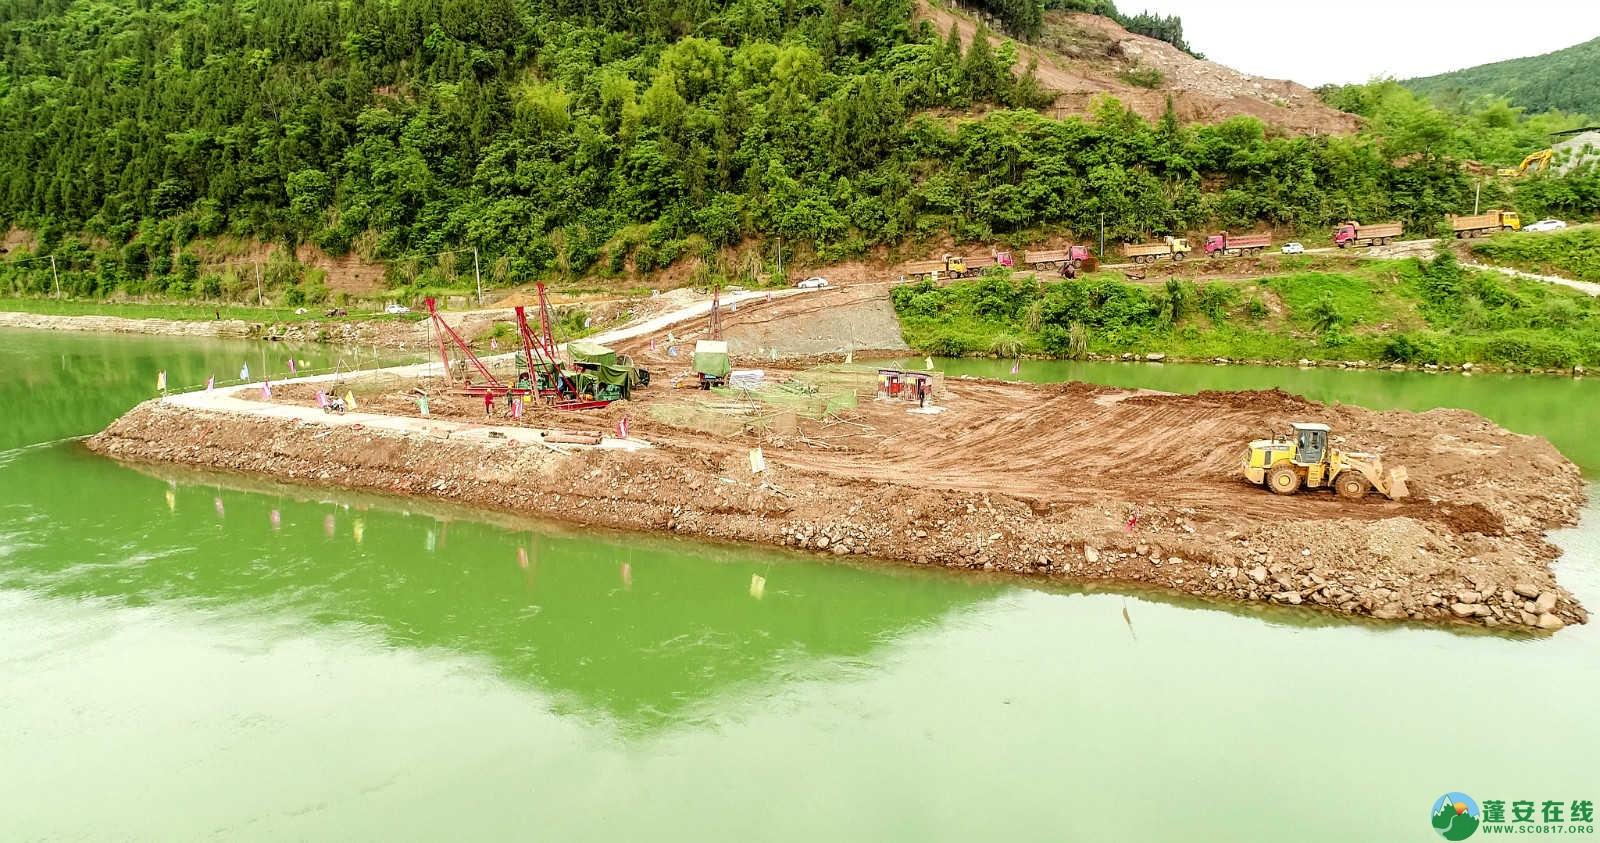 蓬安嘉陵江一桥修建进(2019年5月11日) - 第2张  | 蓬安在线